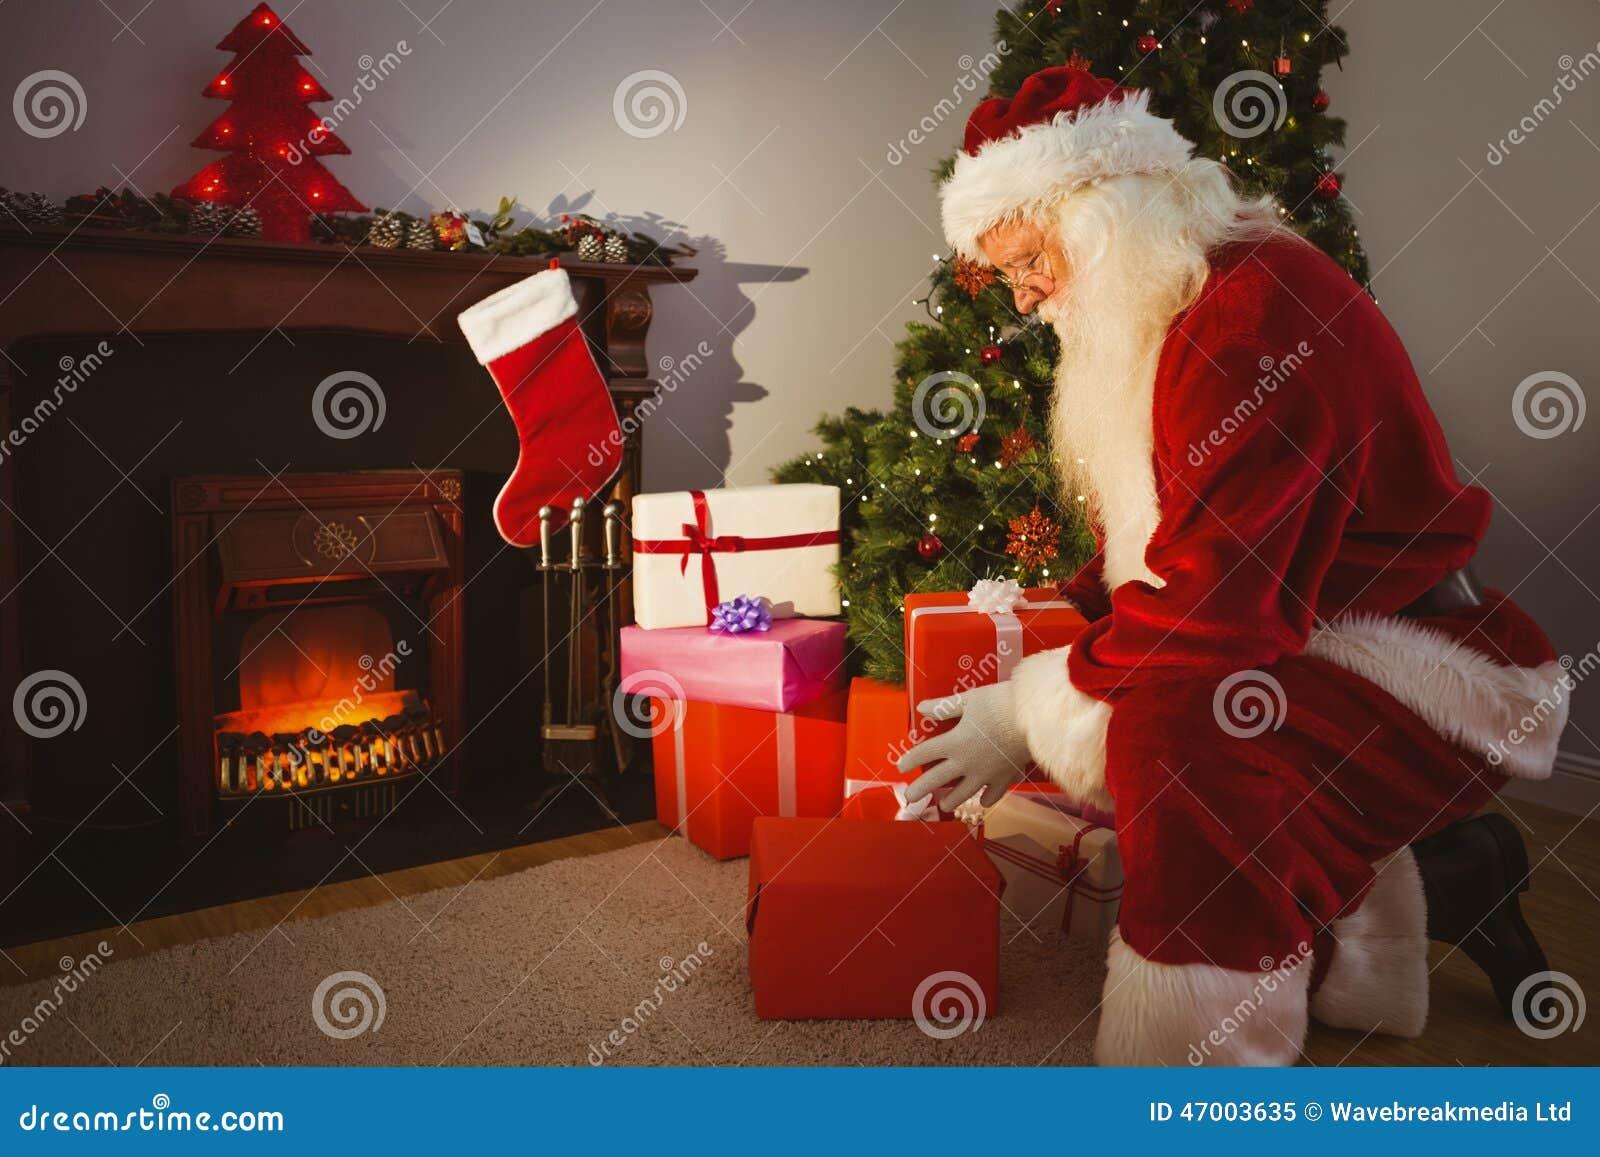 Regali Di Babbo Natale.Il Babbo Natale Che Consegna I Regali Alla Notte Di Natale Immagine Stock Immagine Di Maschio Vivere 47003635